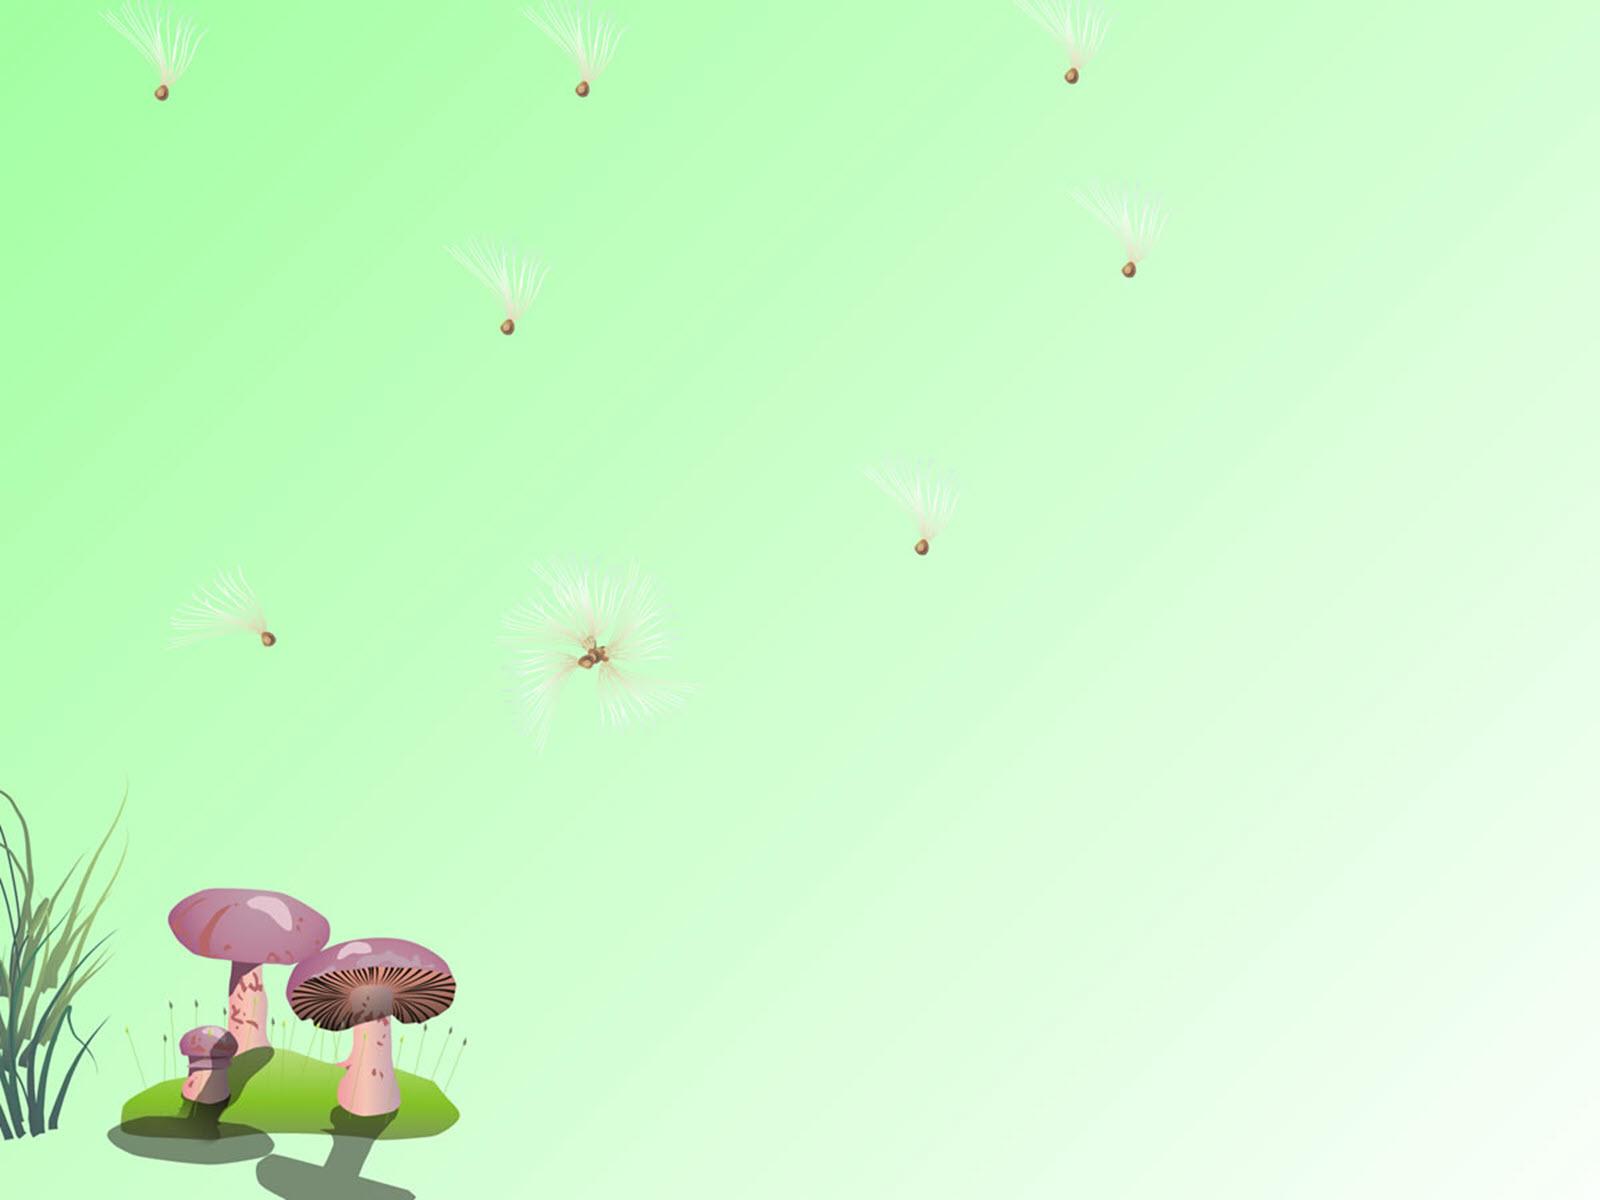 Hình nền cho PowerPoint cực đẹp có hình cây nấm ở góc